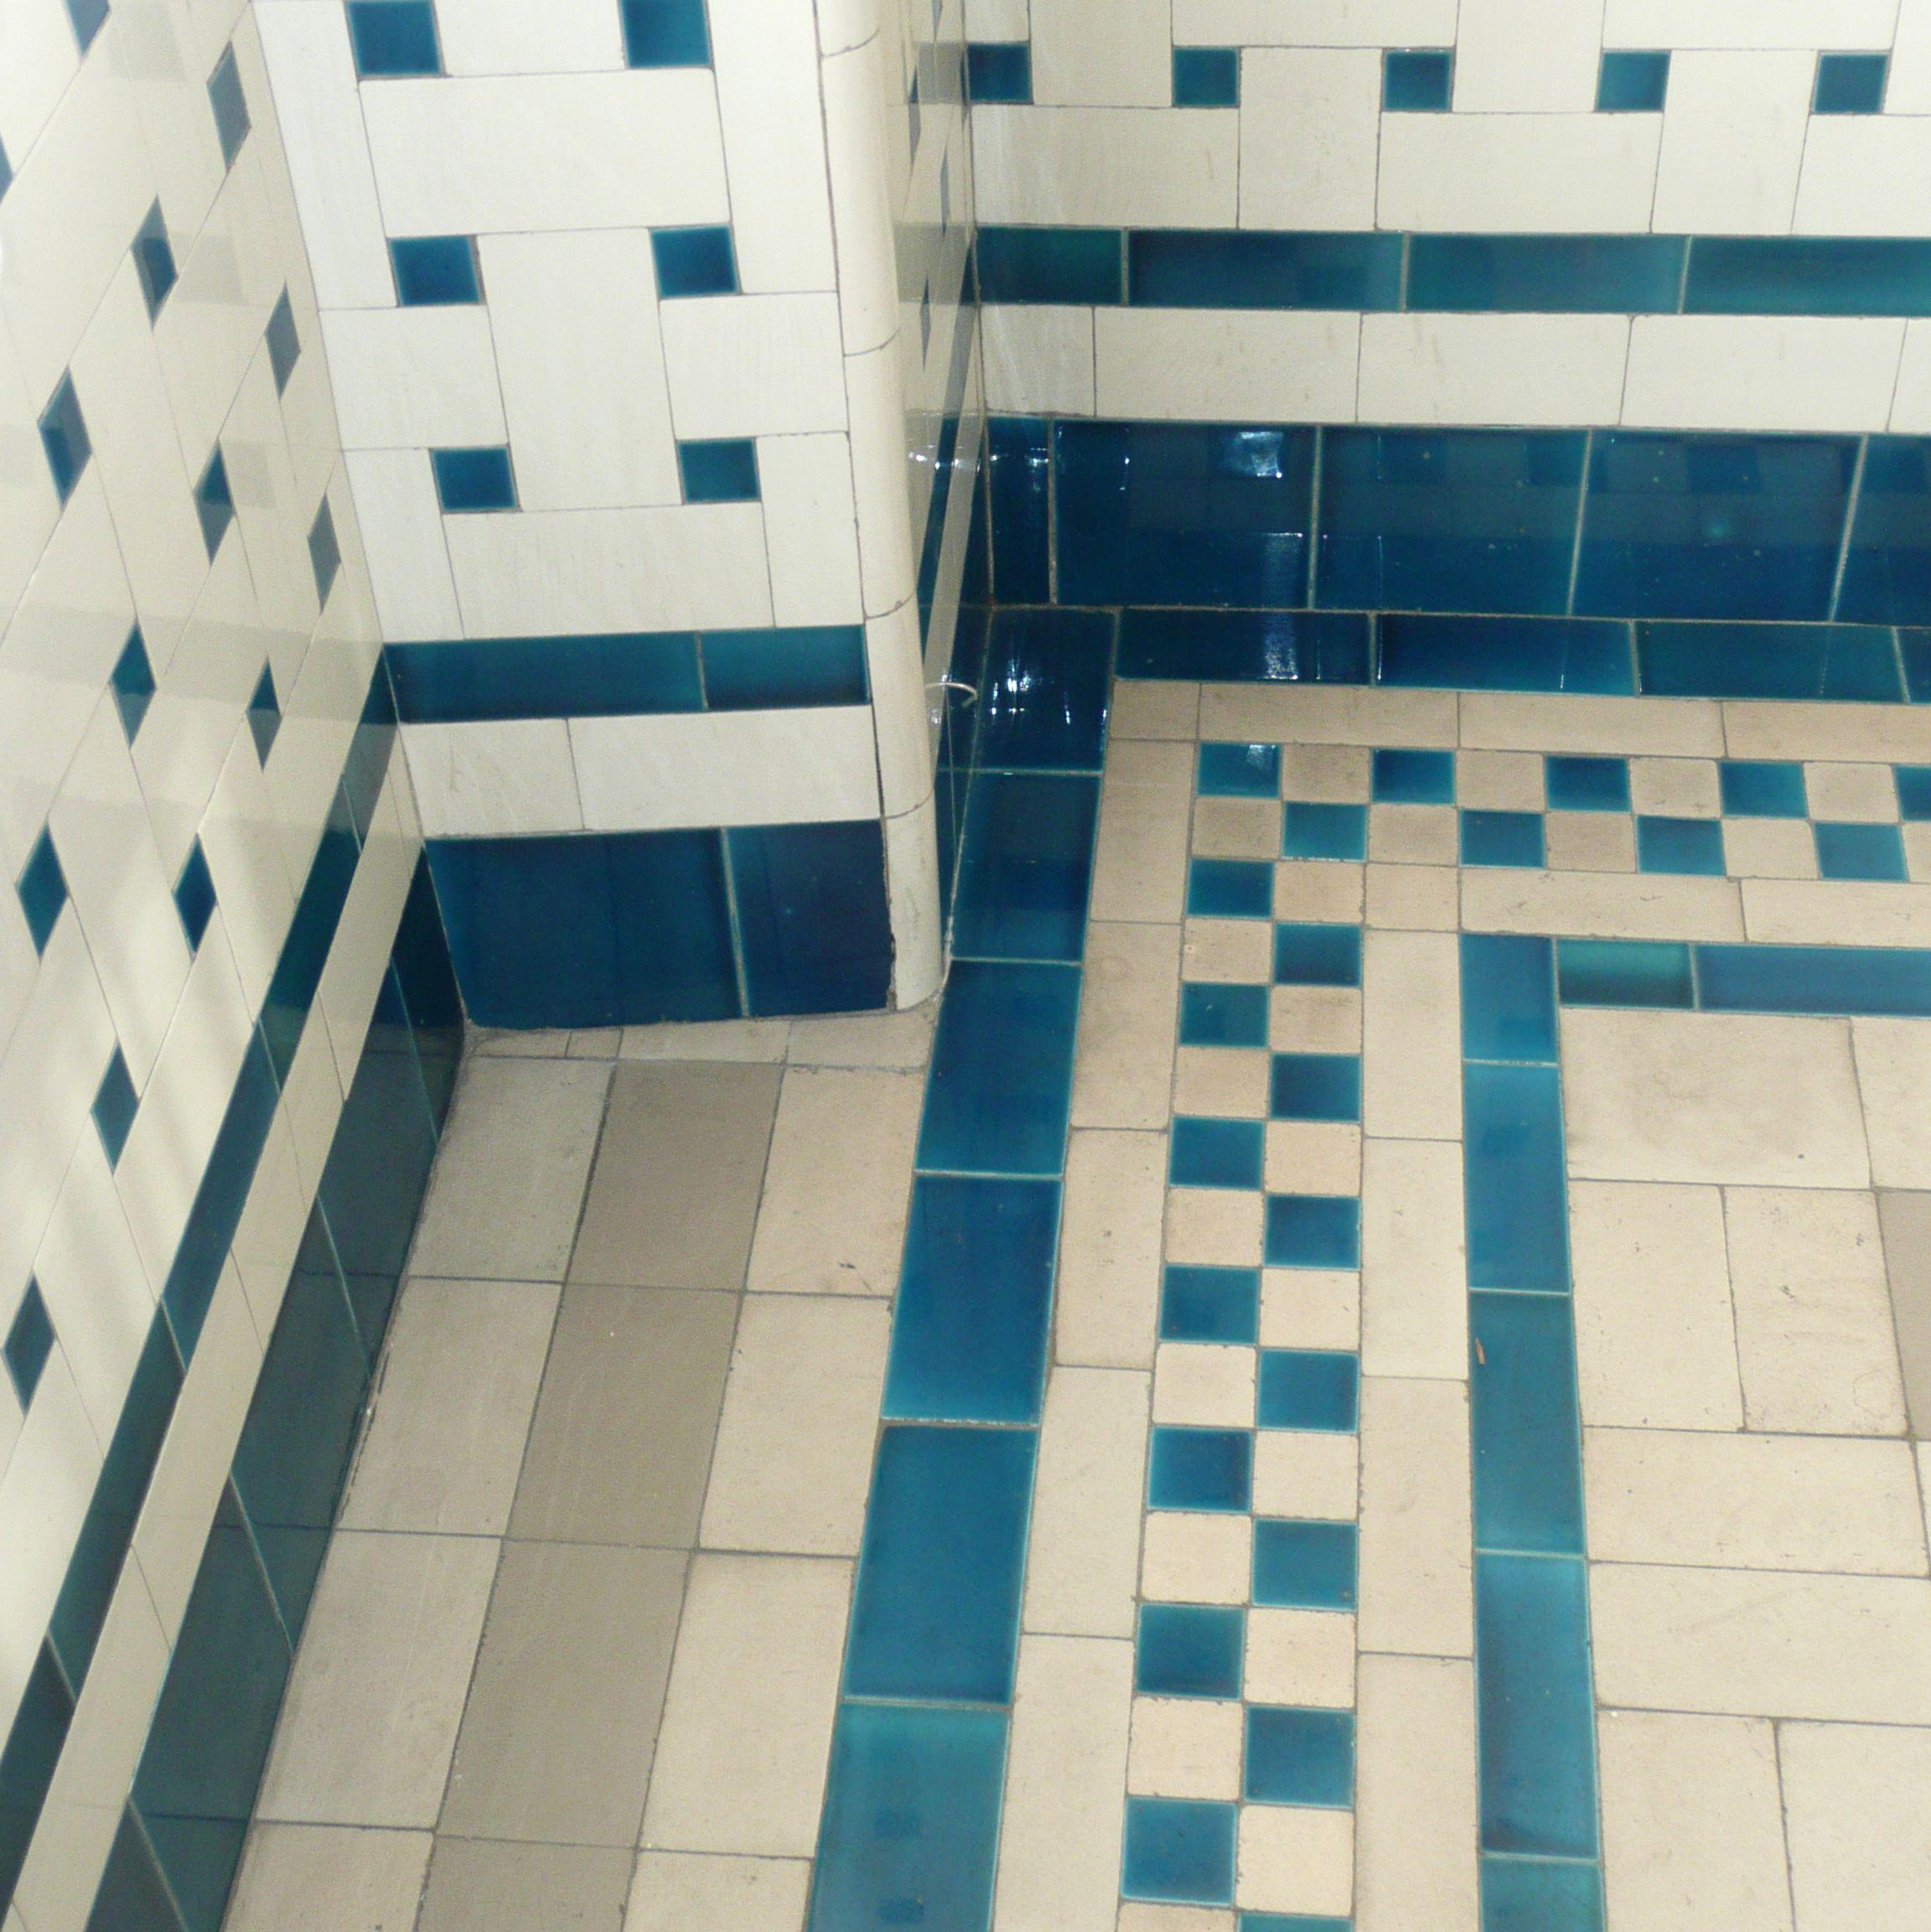 Les salles de bains du mus e nissim de camondo for Faience bleu turquoise salle de bain